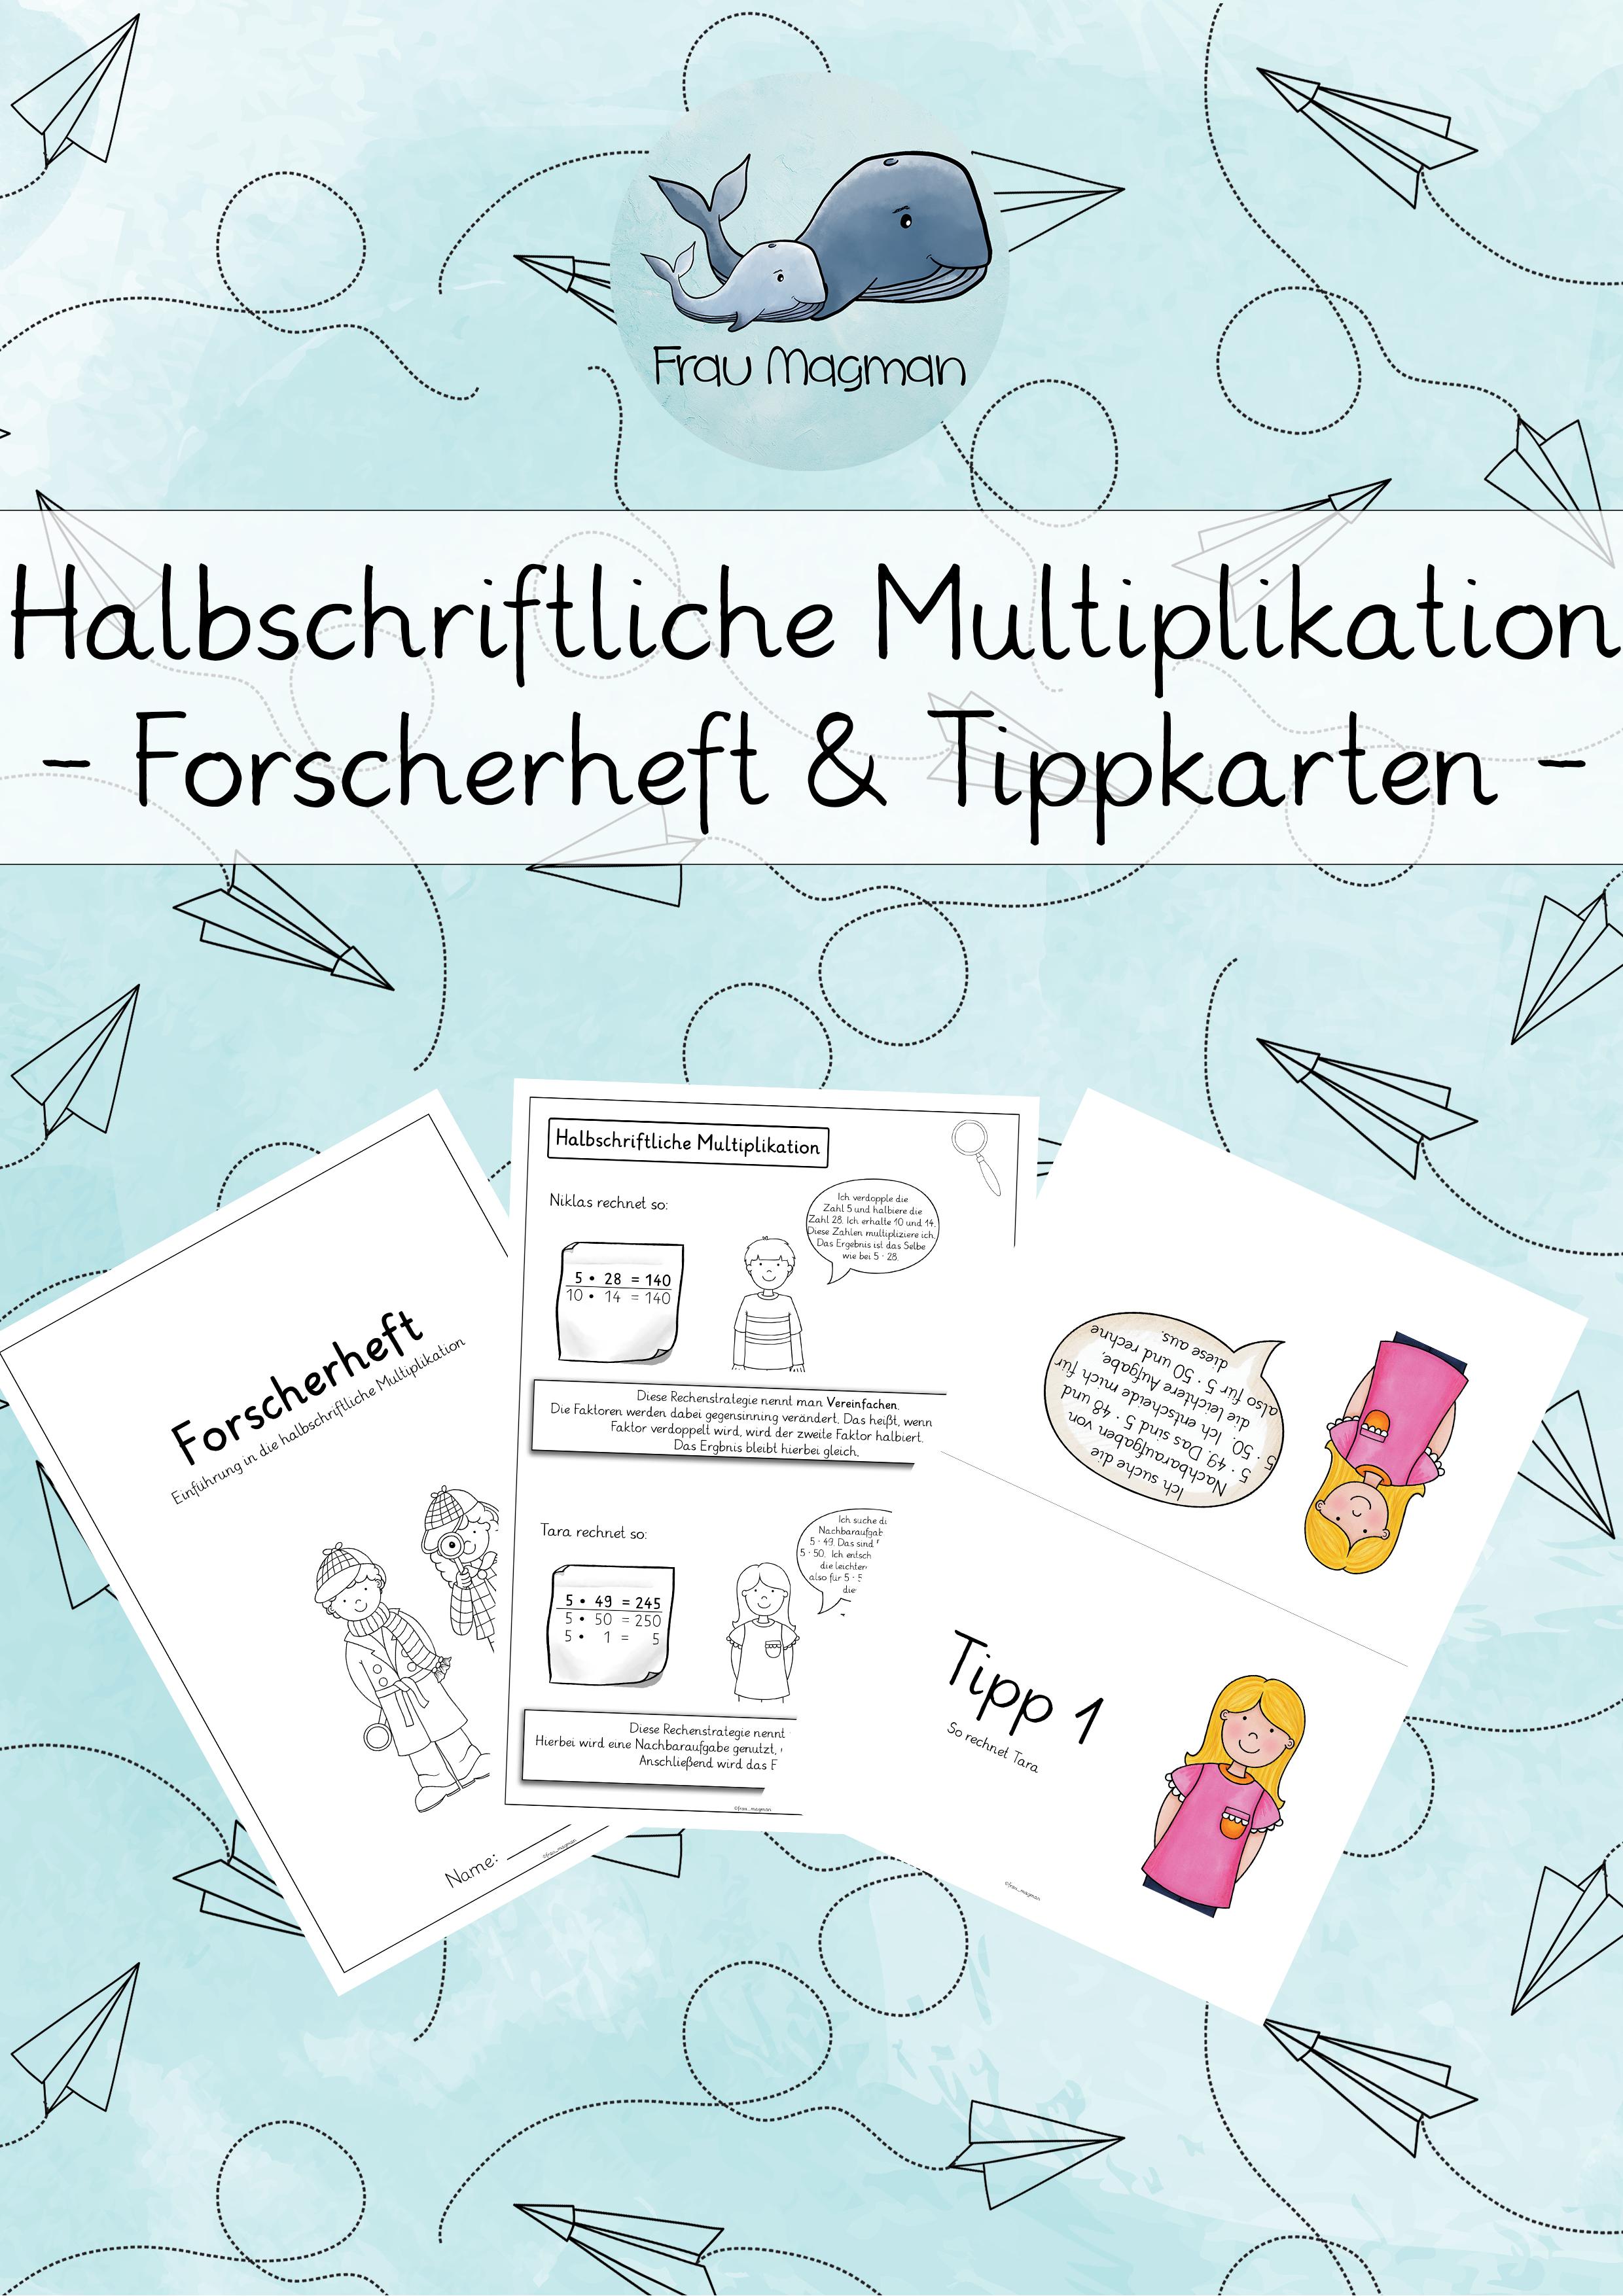 Halbschriftliche Multiplikation Forscherheft Unterrichtsmaterial Im Fach Mathematik Multiplikation Forscher Mathematik